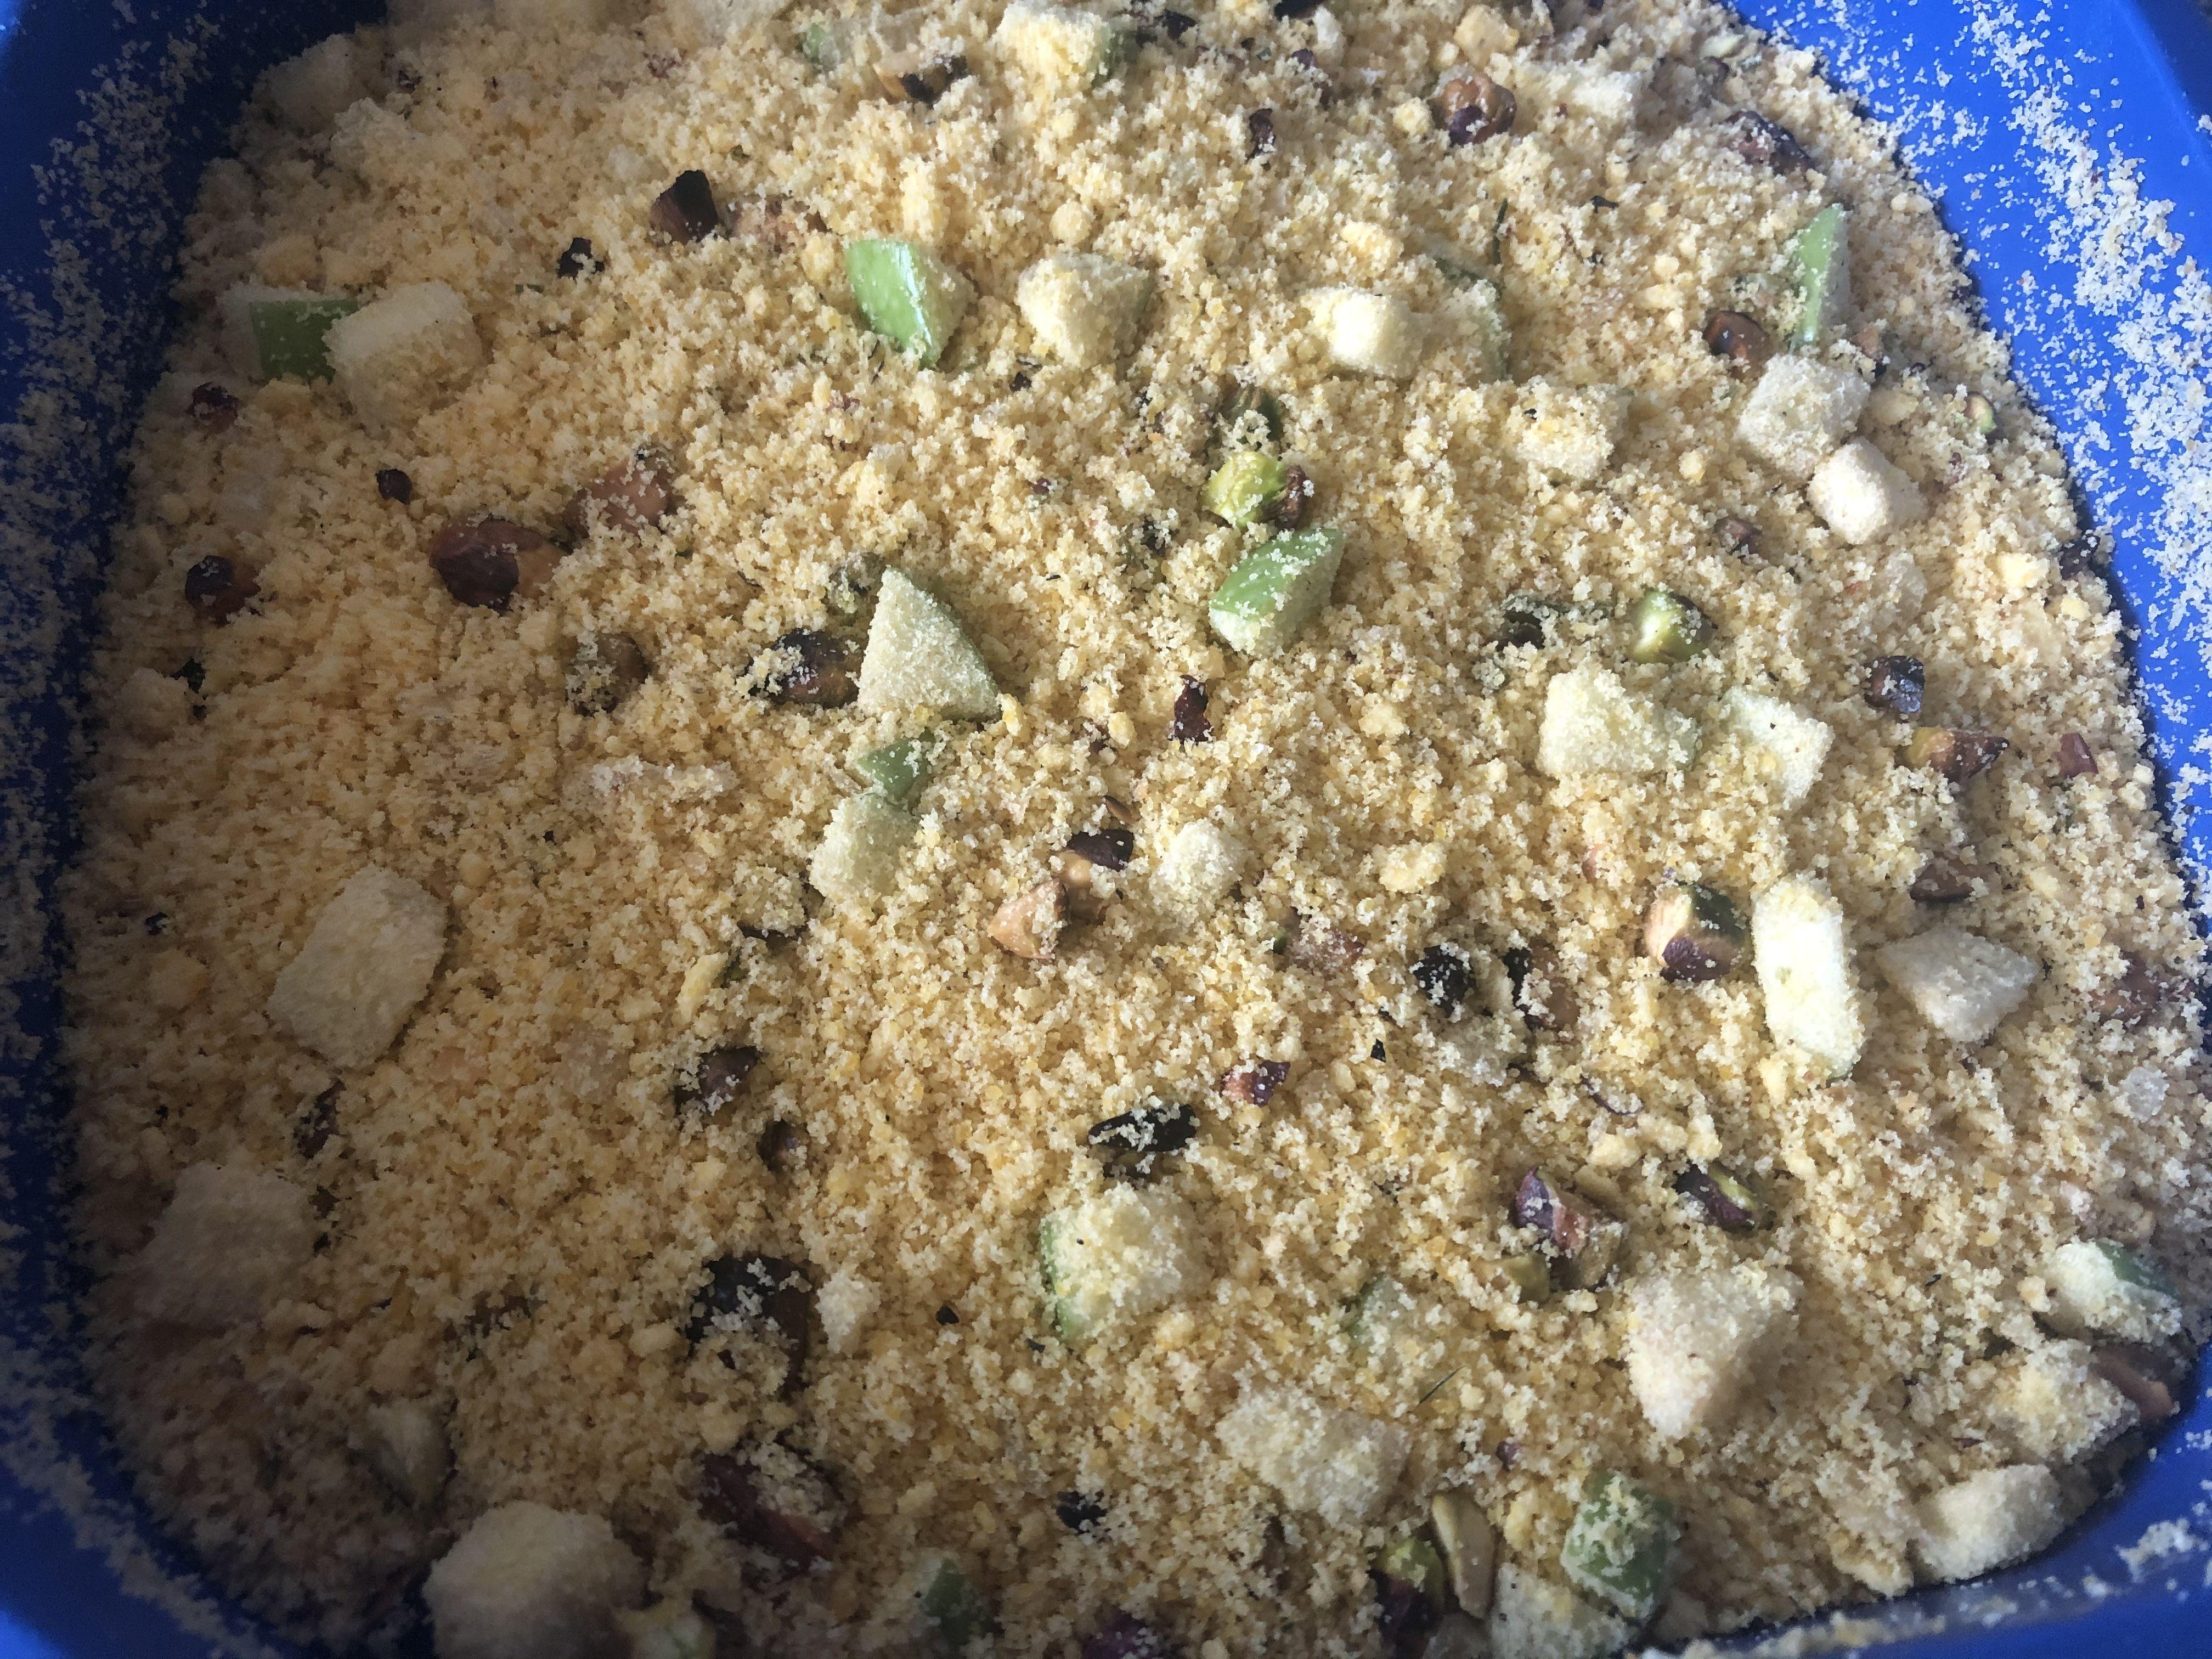 Farofa com pistache e maçã verde